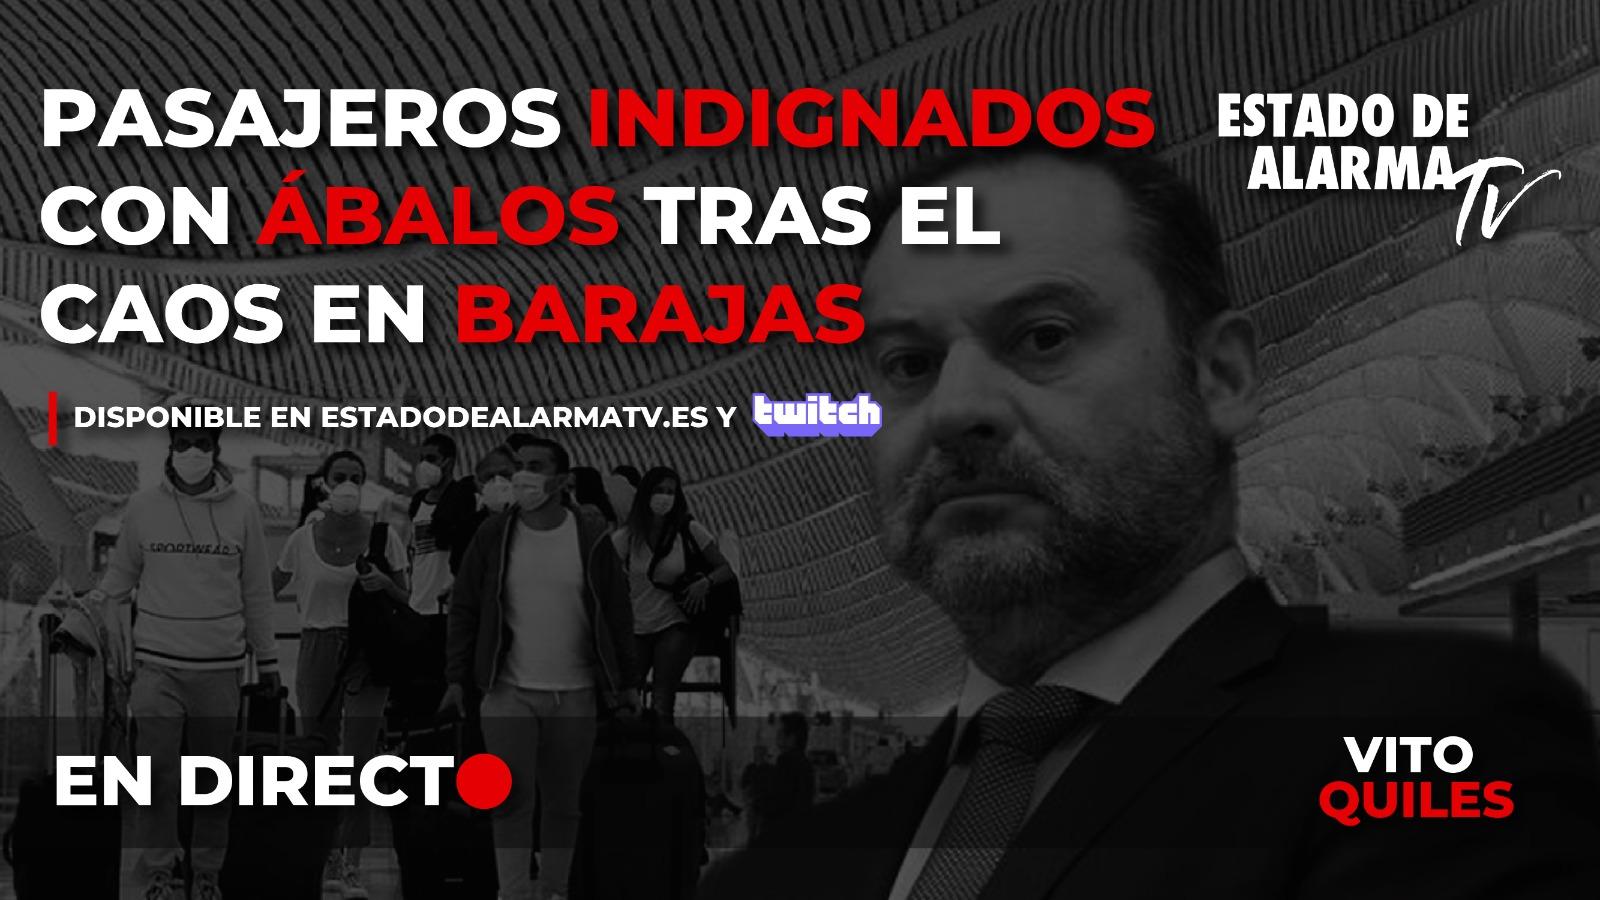 EN DIRECTO | Pasajeros indignados con Ábalos tras el caos en Barajas con Vito Quiles